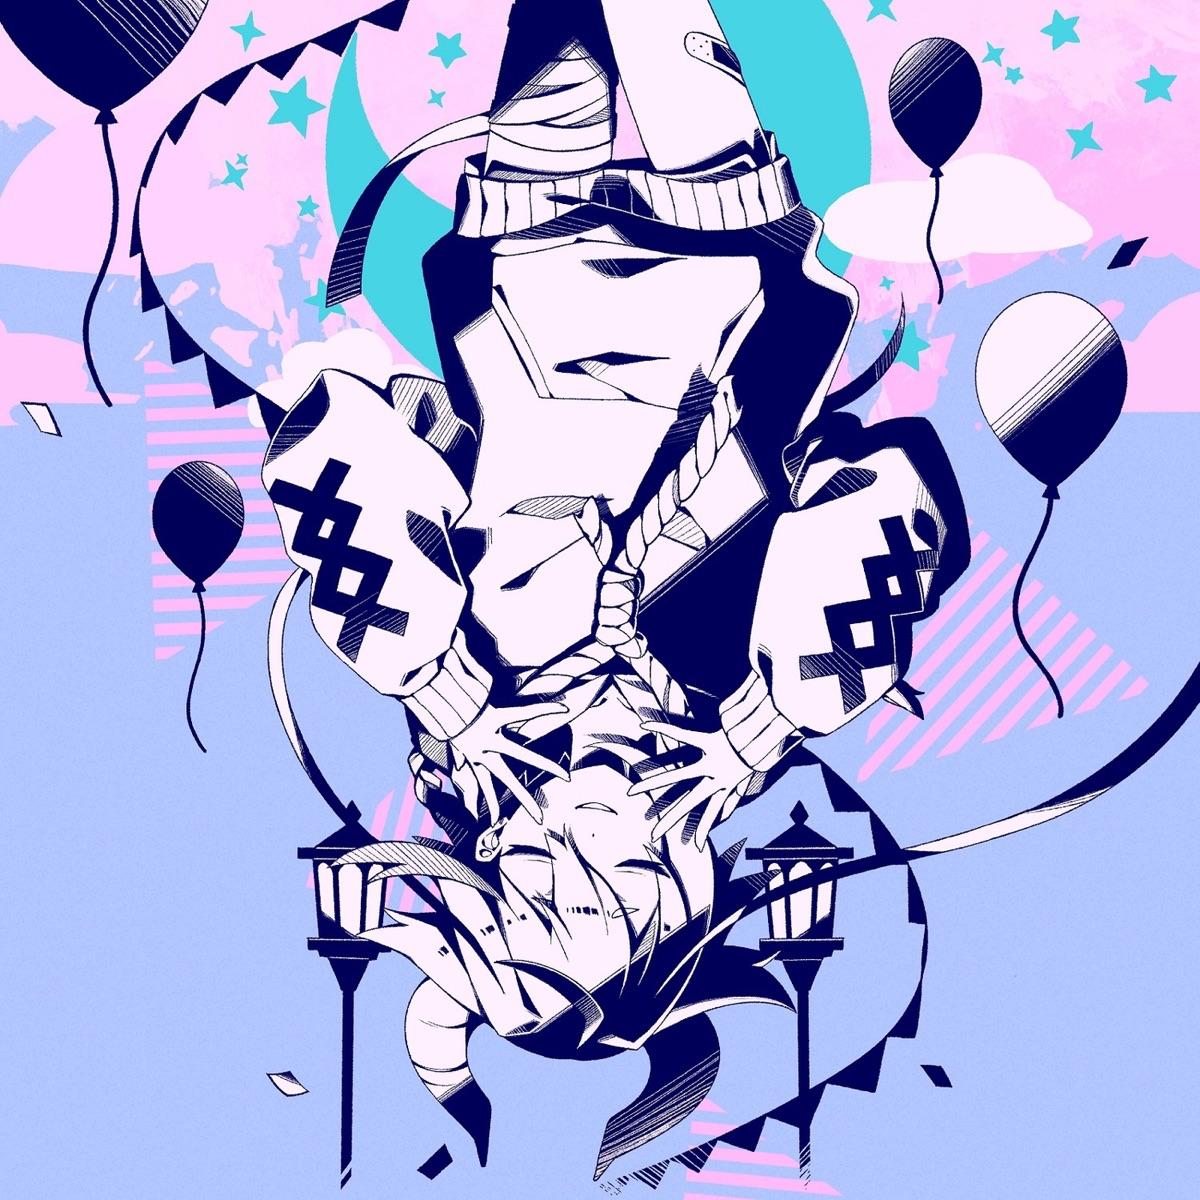 『かいりきベア - ネロイズム』収録の『ネロイズム』ジャケット